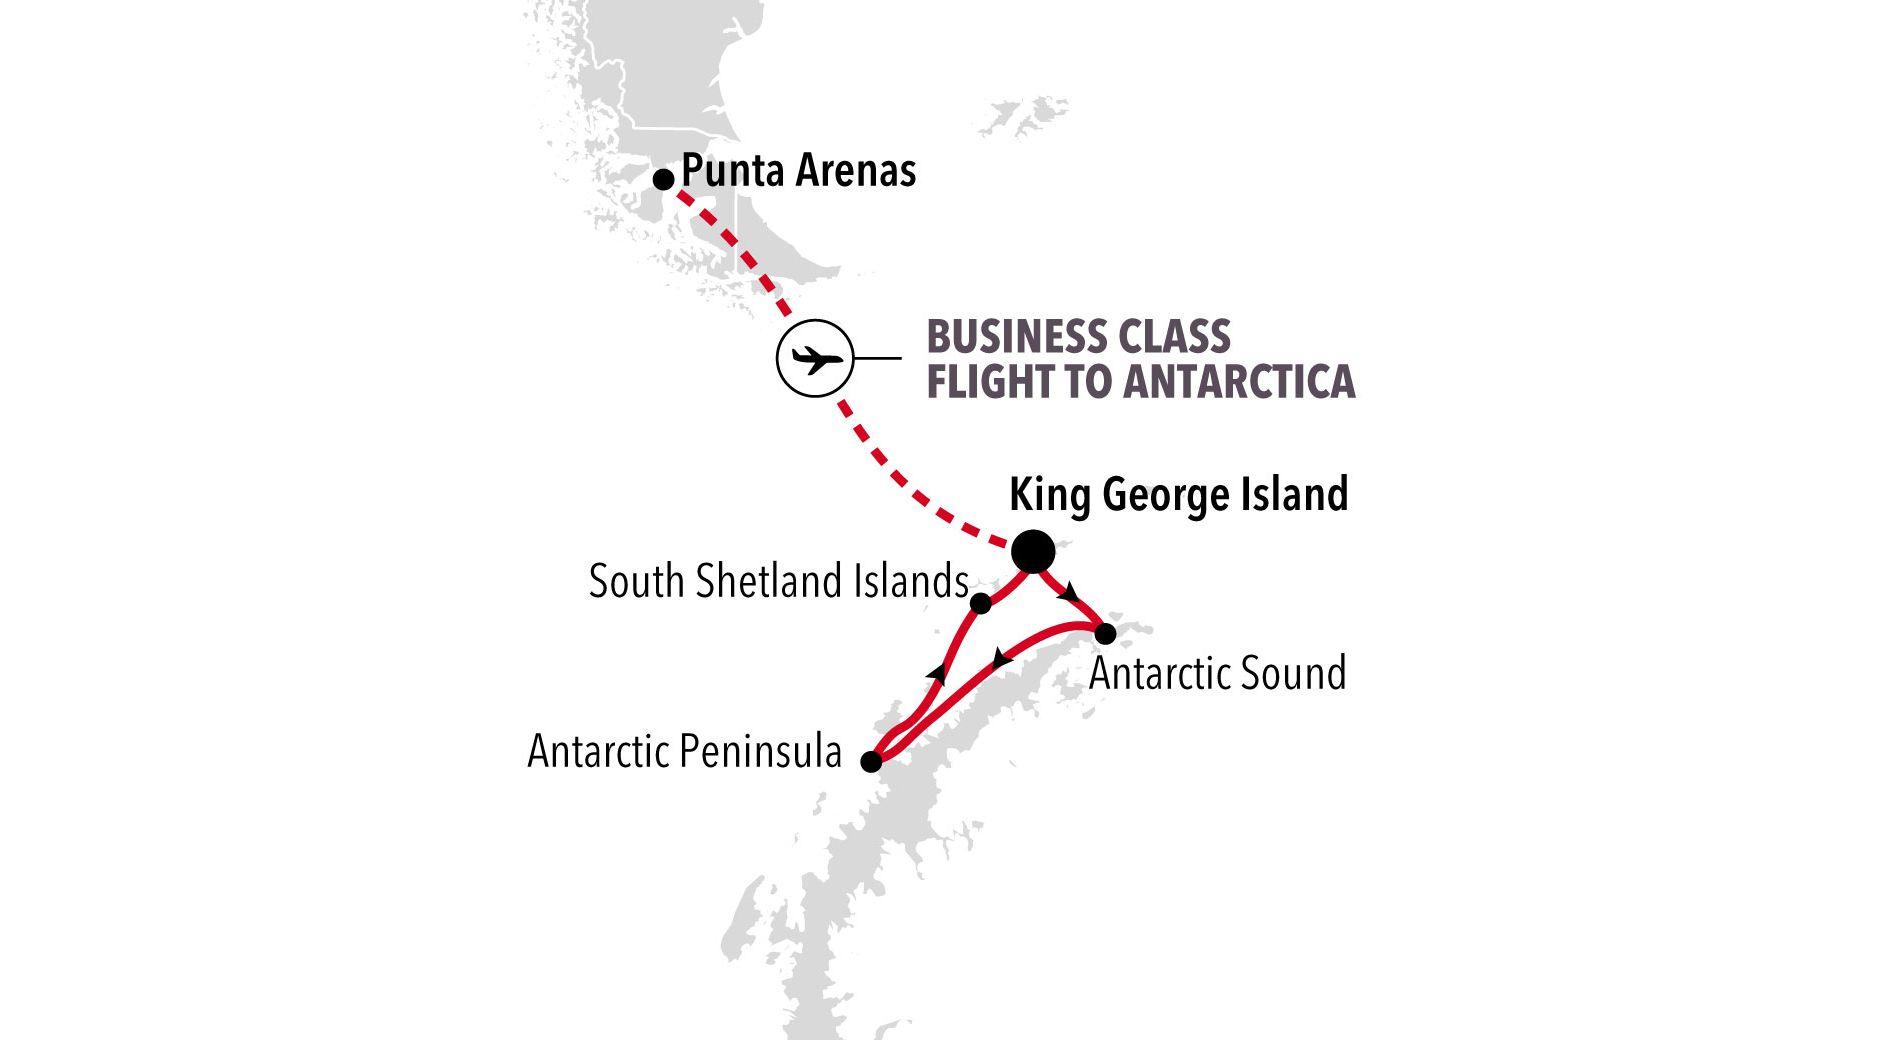 E1211211006 - King George Island nach King George Island